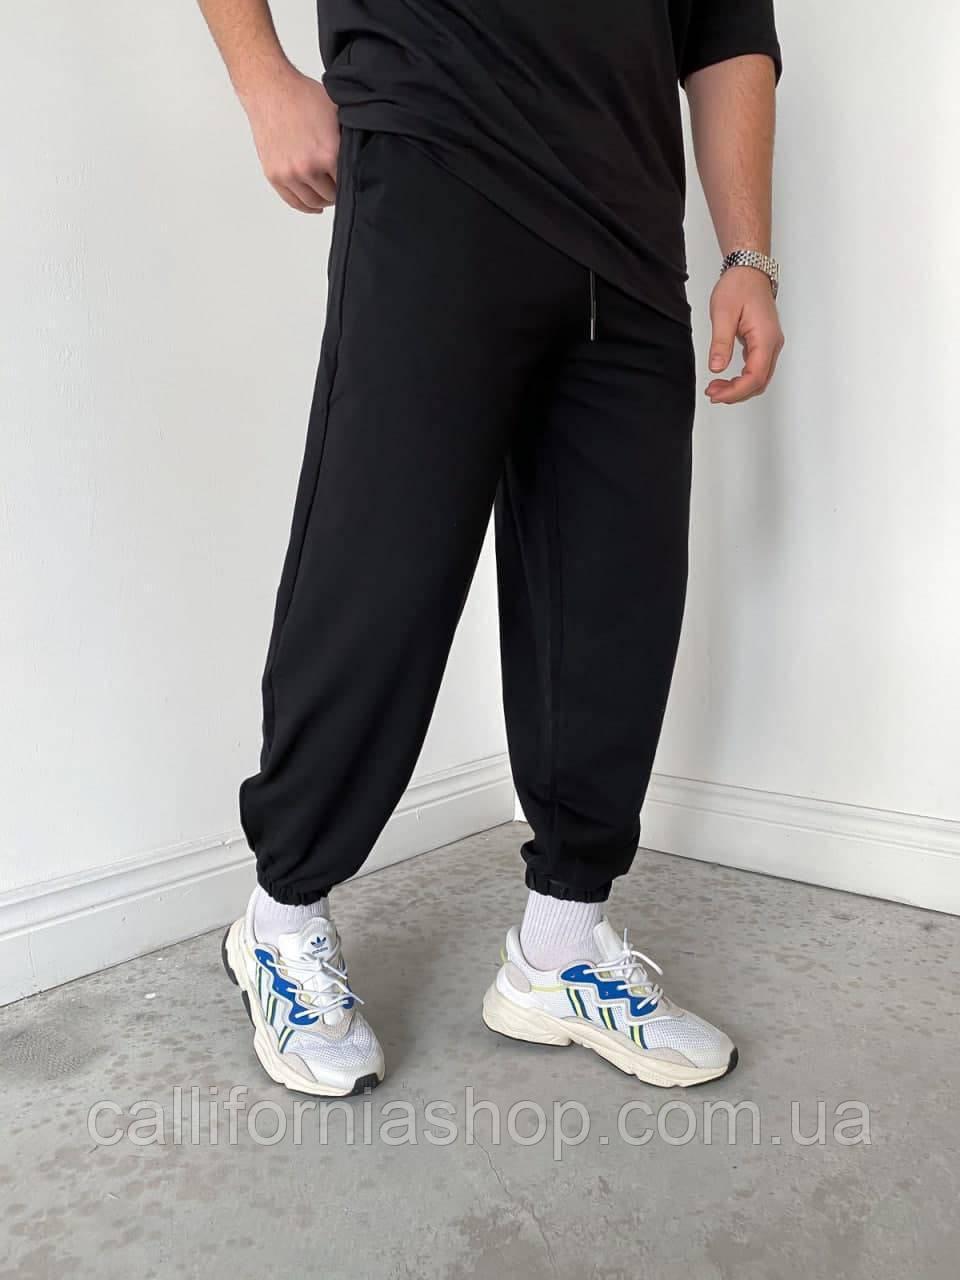 Штаны мужские спортивные черные свободные с манжетами внизу